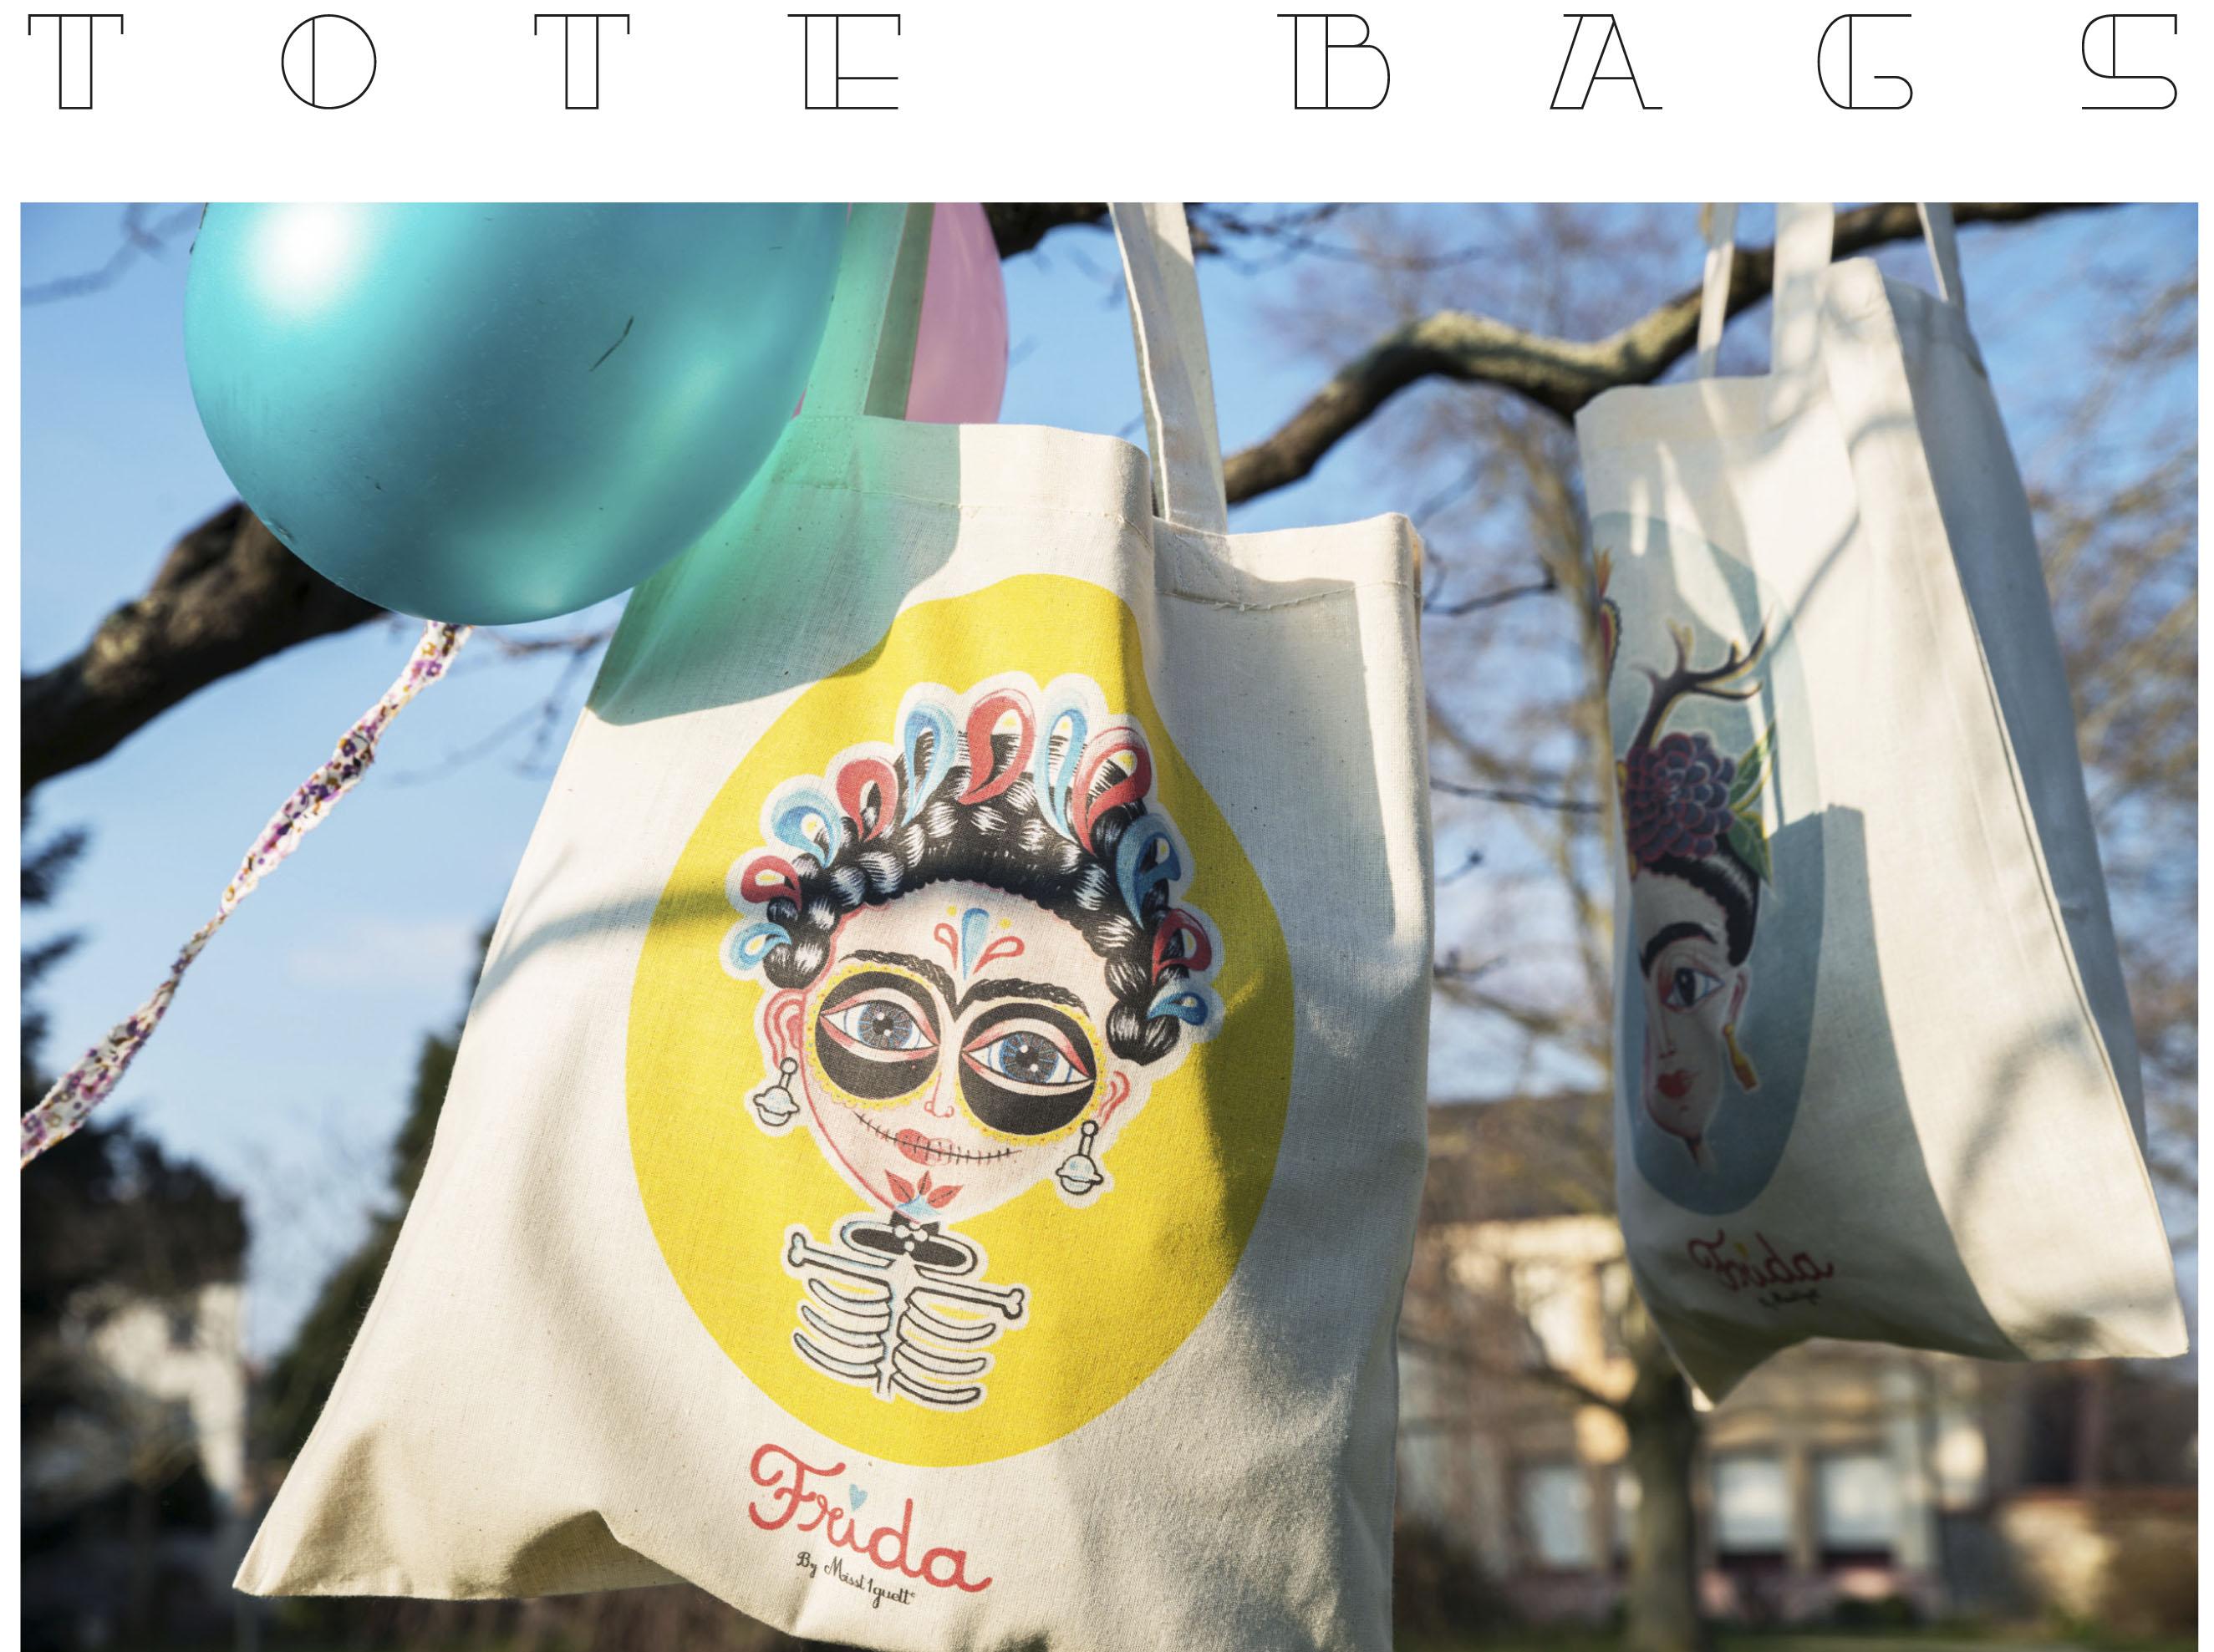 Misst1guett-catalogue merchandising 2021-tote bag